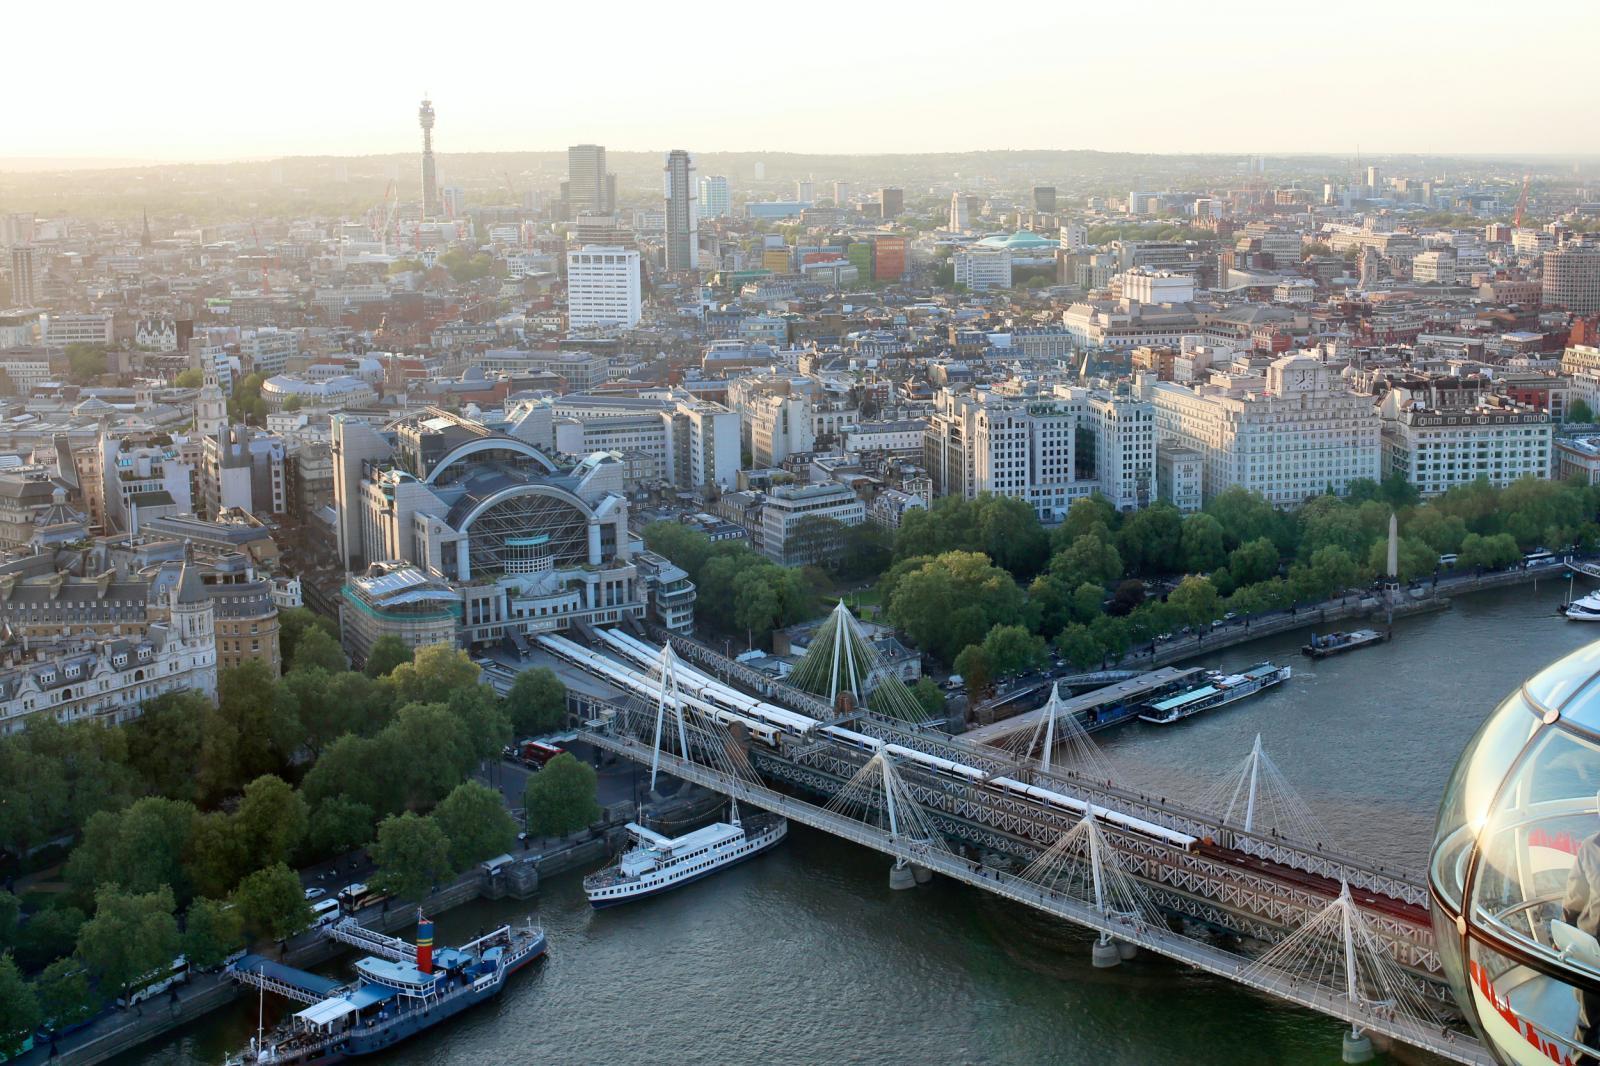 Wundervolle Aussicht von Riesenrad London Eye.